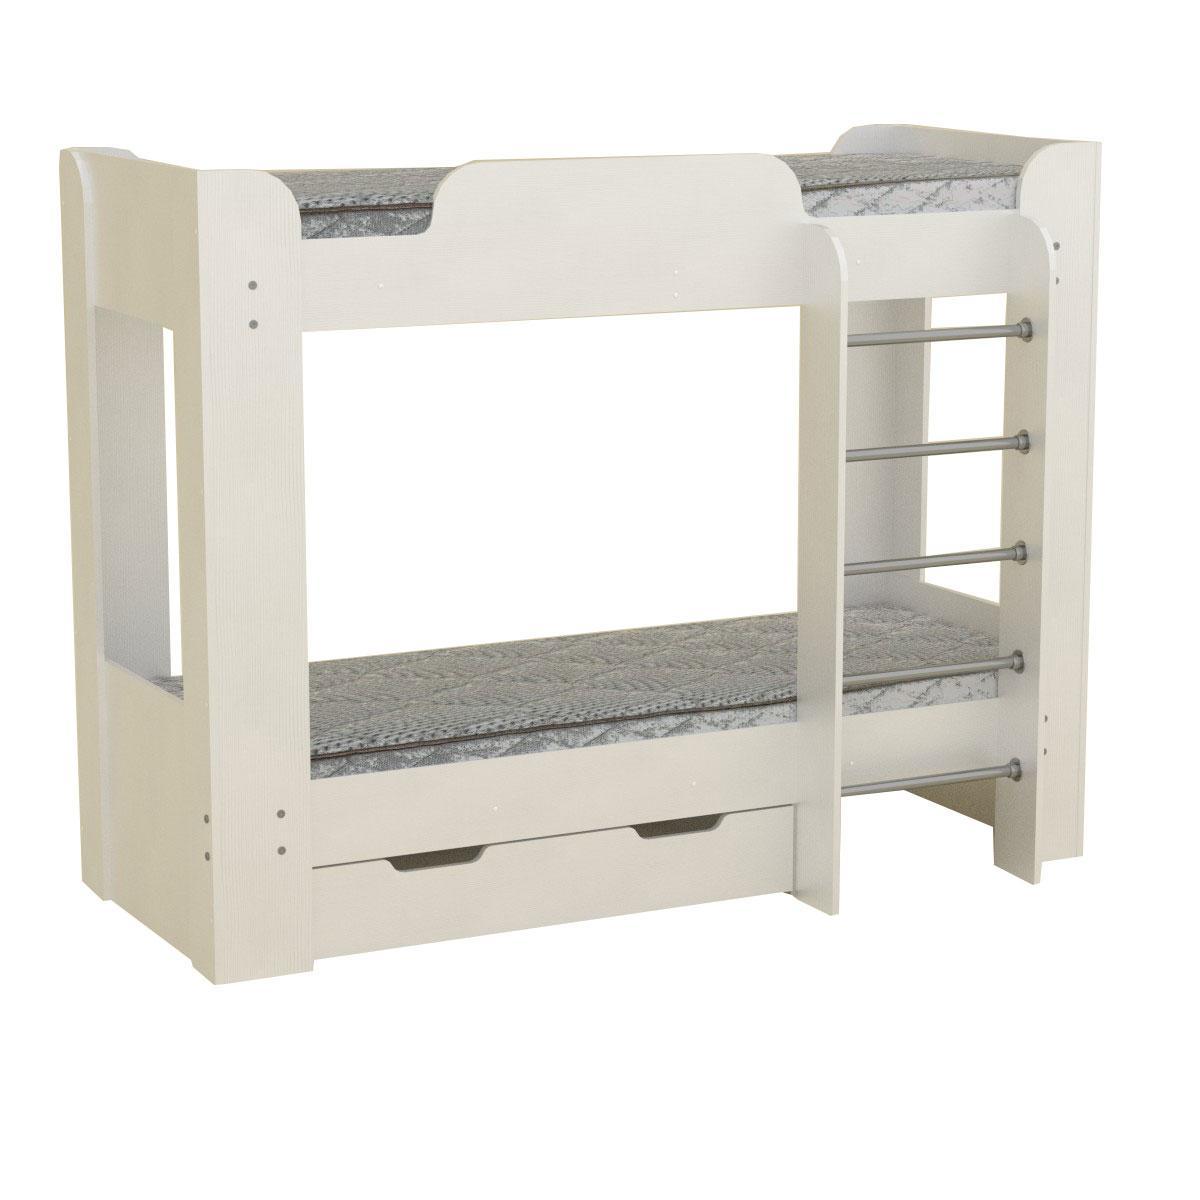 Кровать с матрасами двухъярусная Твикс-2 белый Компанит